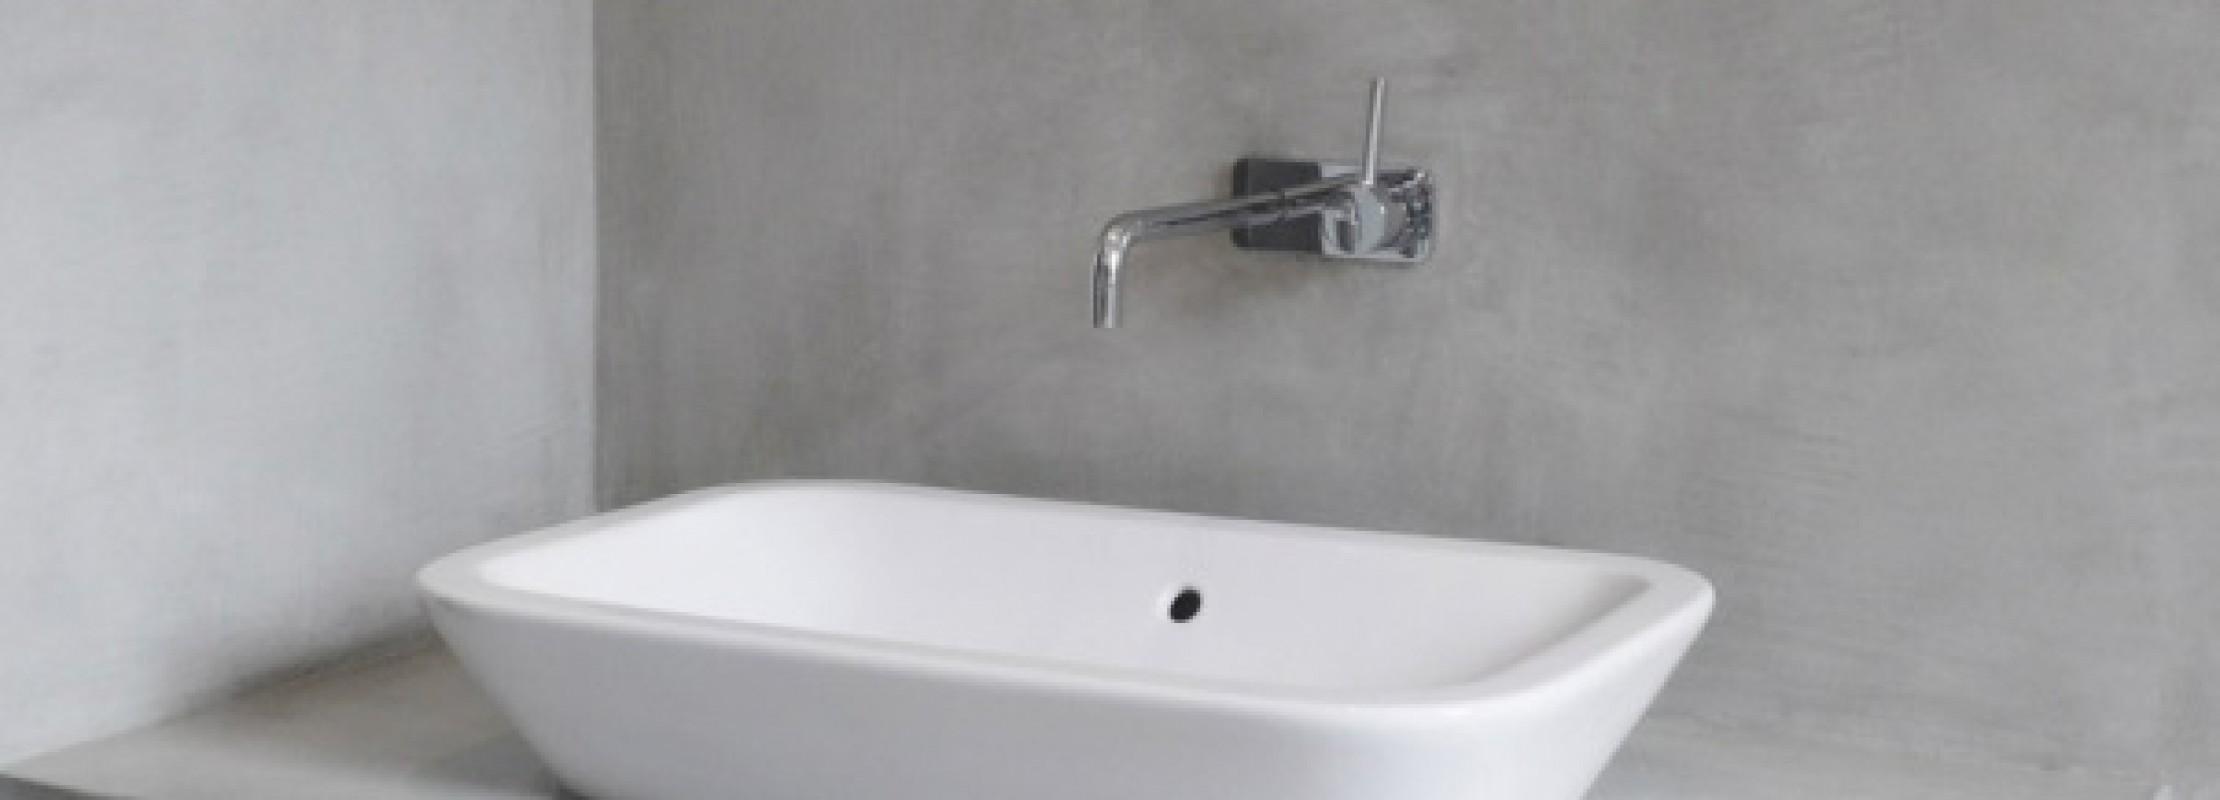 Bagno senza piastrelle: prezzi e consigli | Blog Edilnet